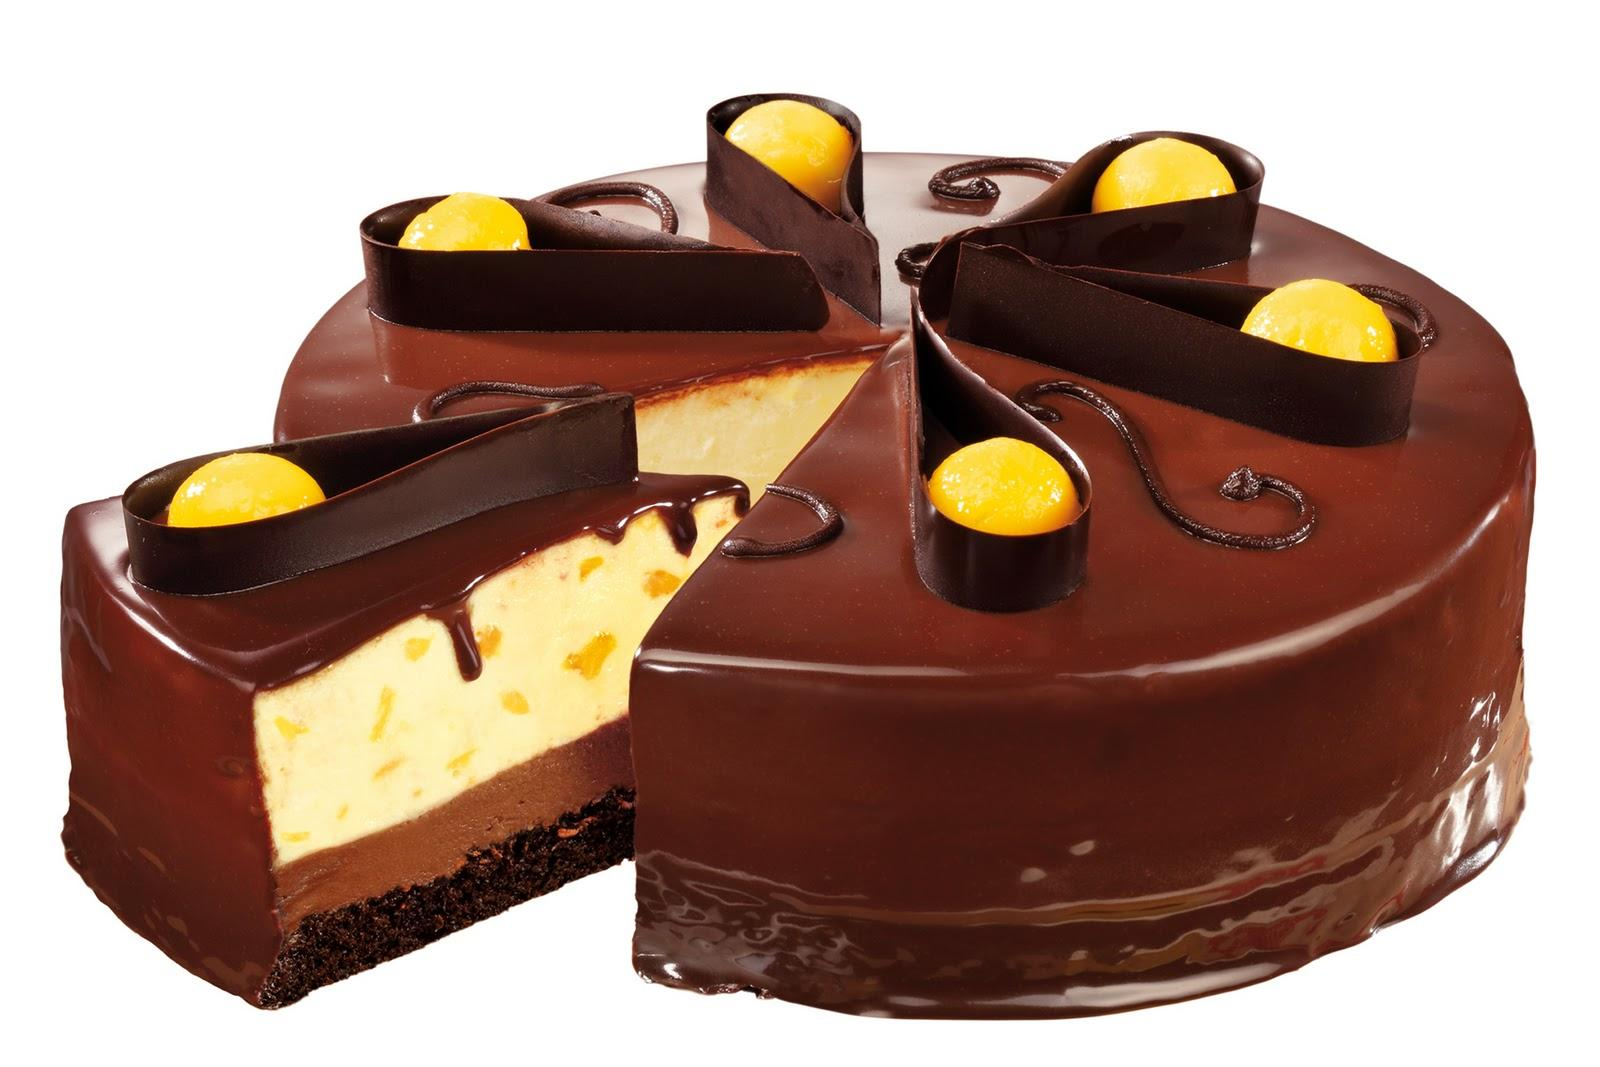 Шоколадный торт с манго и сливочным муссом